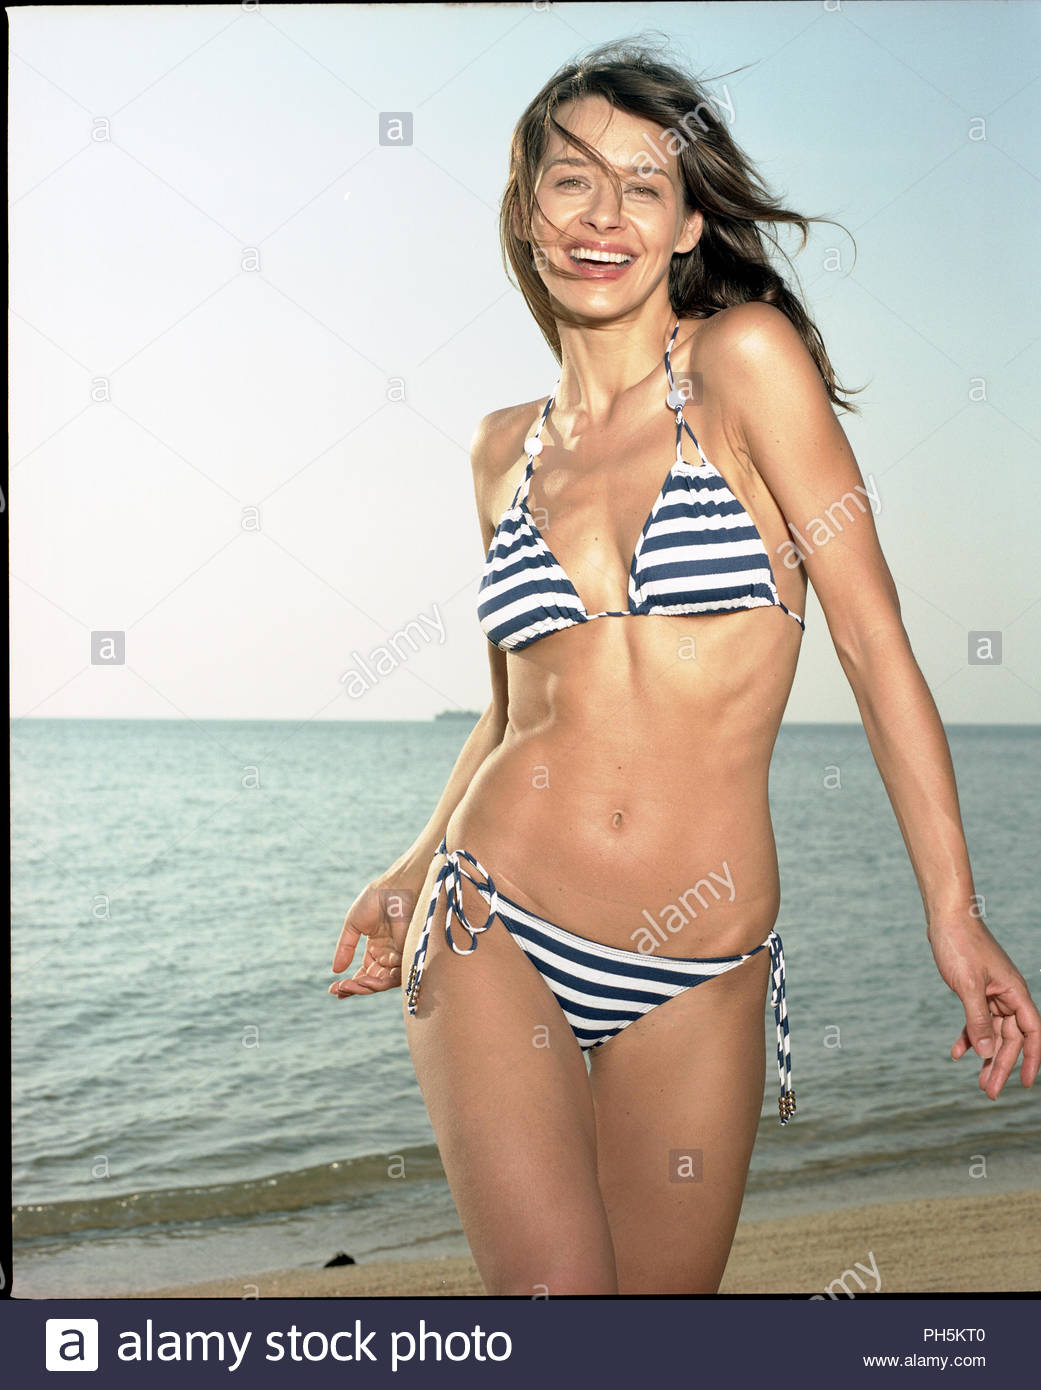 Woman in striped bikini at beach - Stock Image